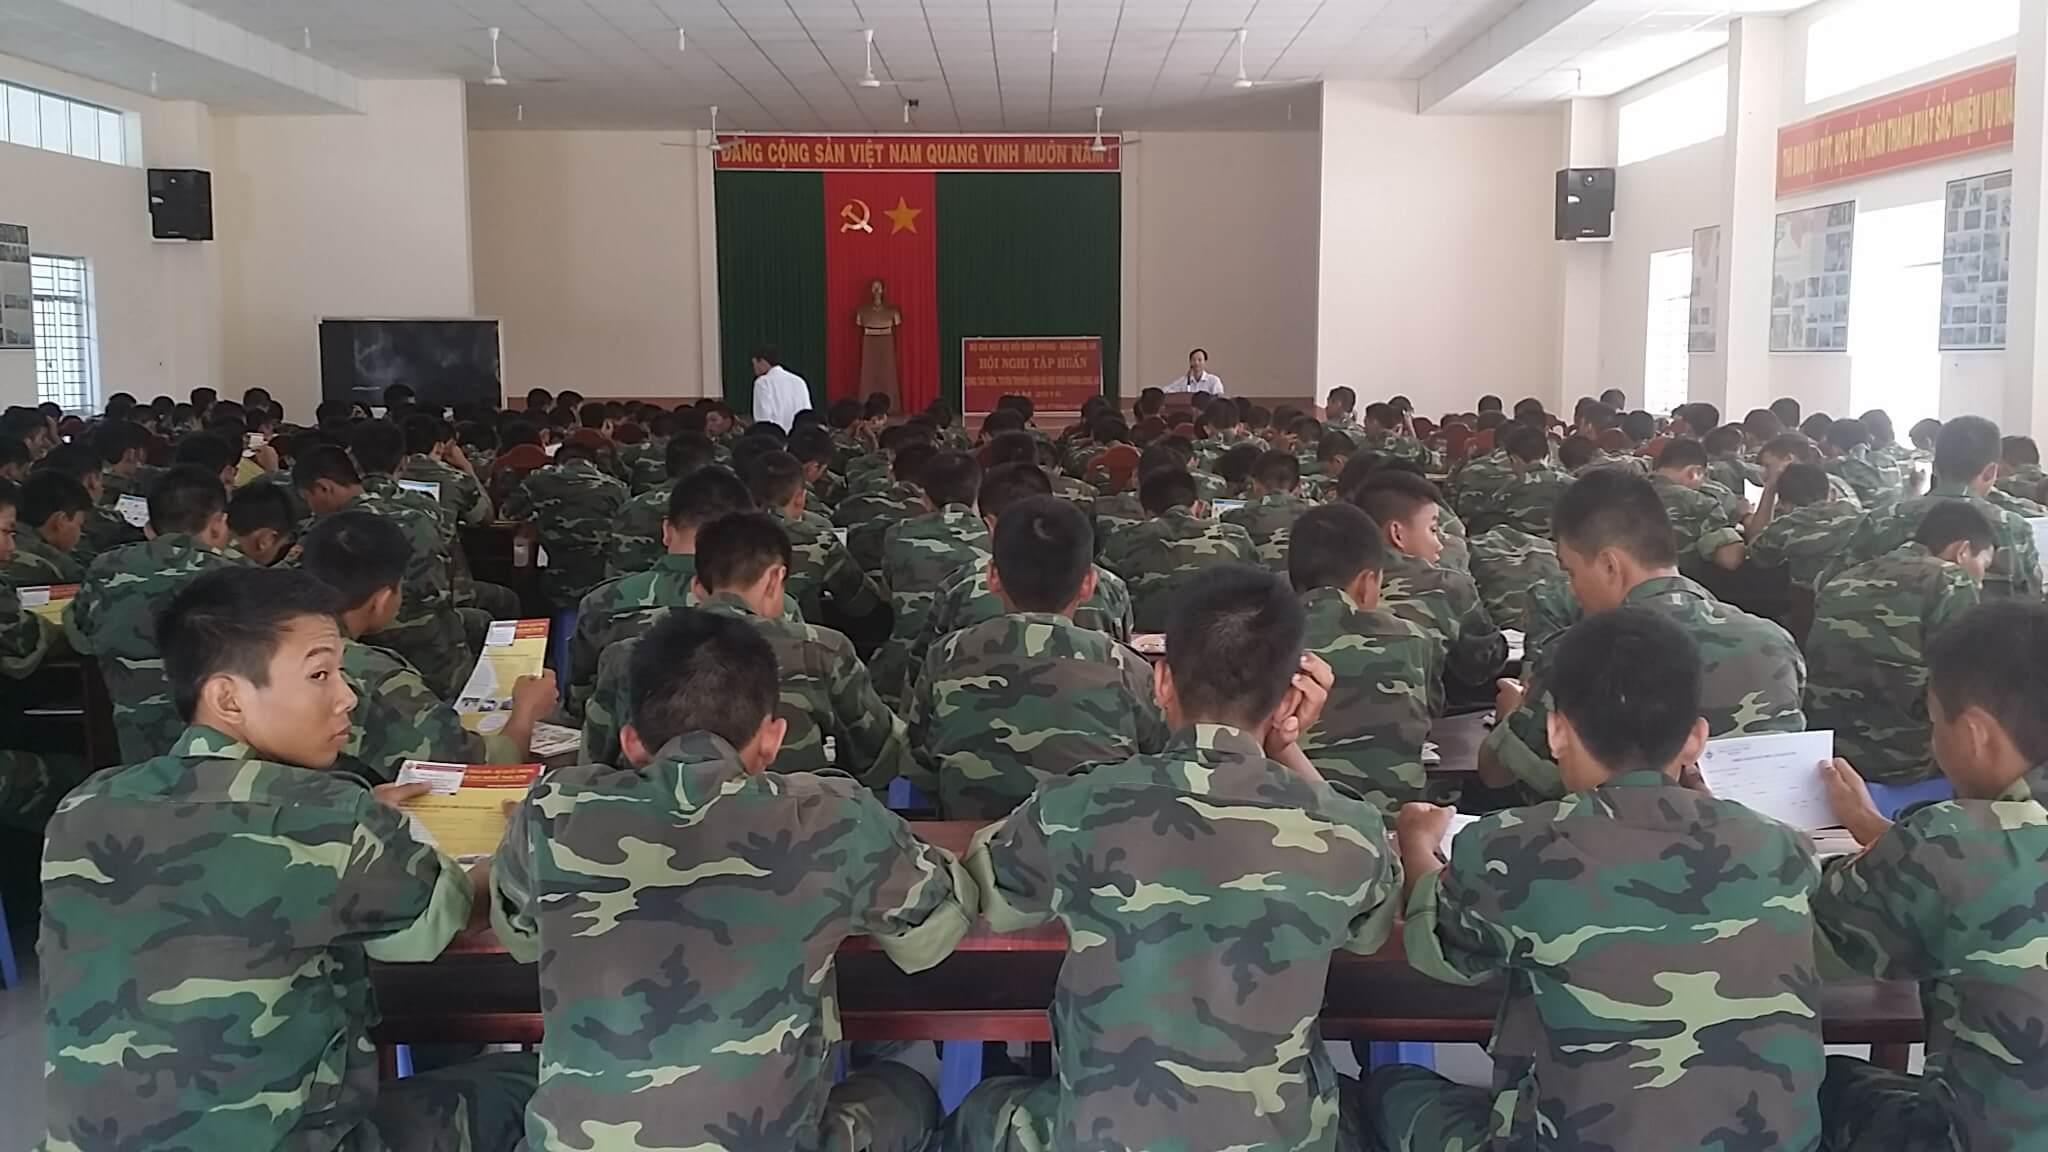 Trung Tâm Dạy Nghề Thái Sơn - đơn vị đào tạo lái xe miễn phí cho BĐXN chất lượng nhất hiện nay